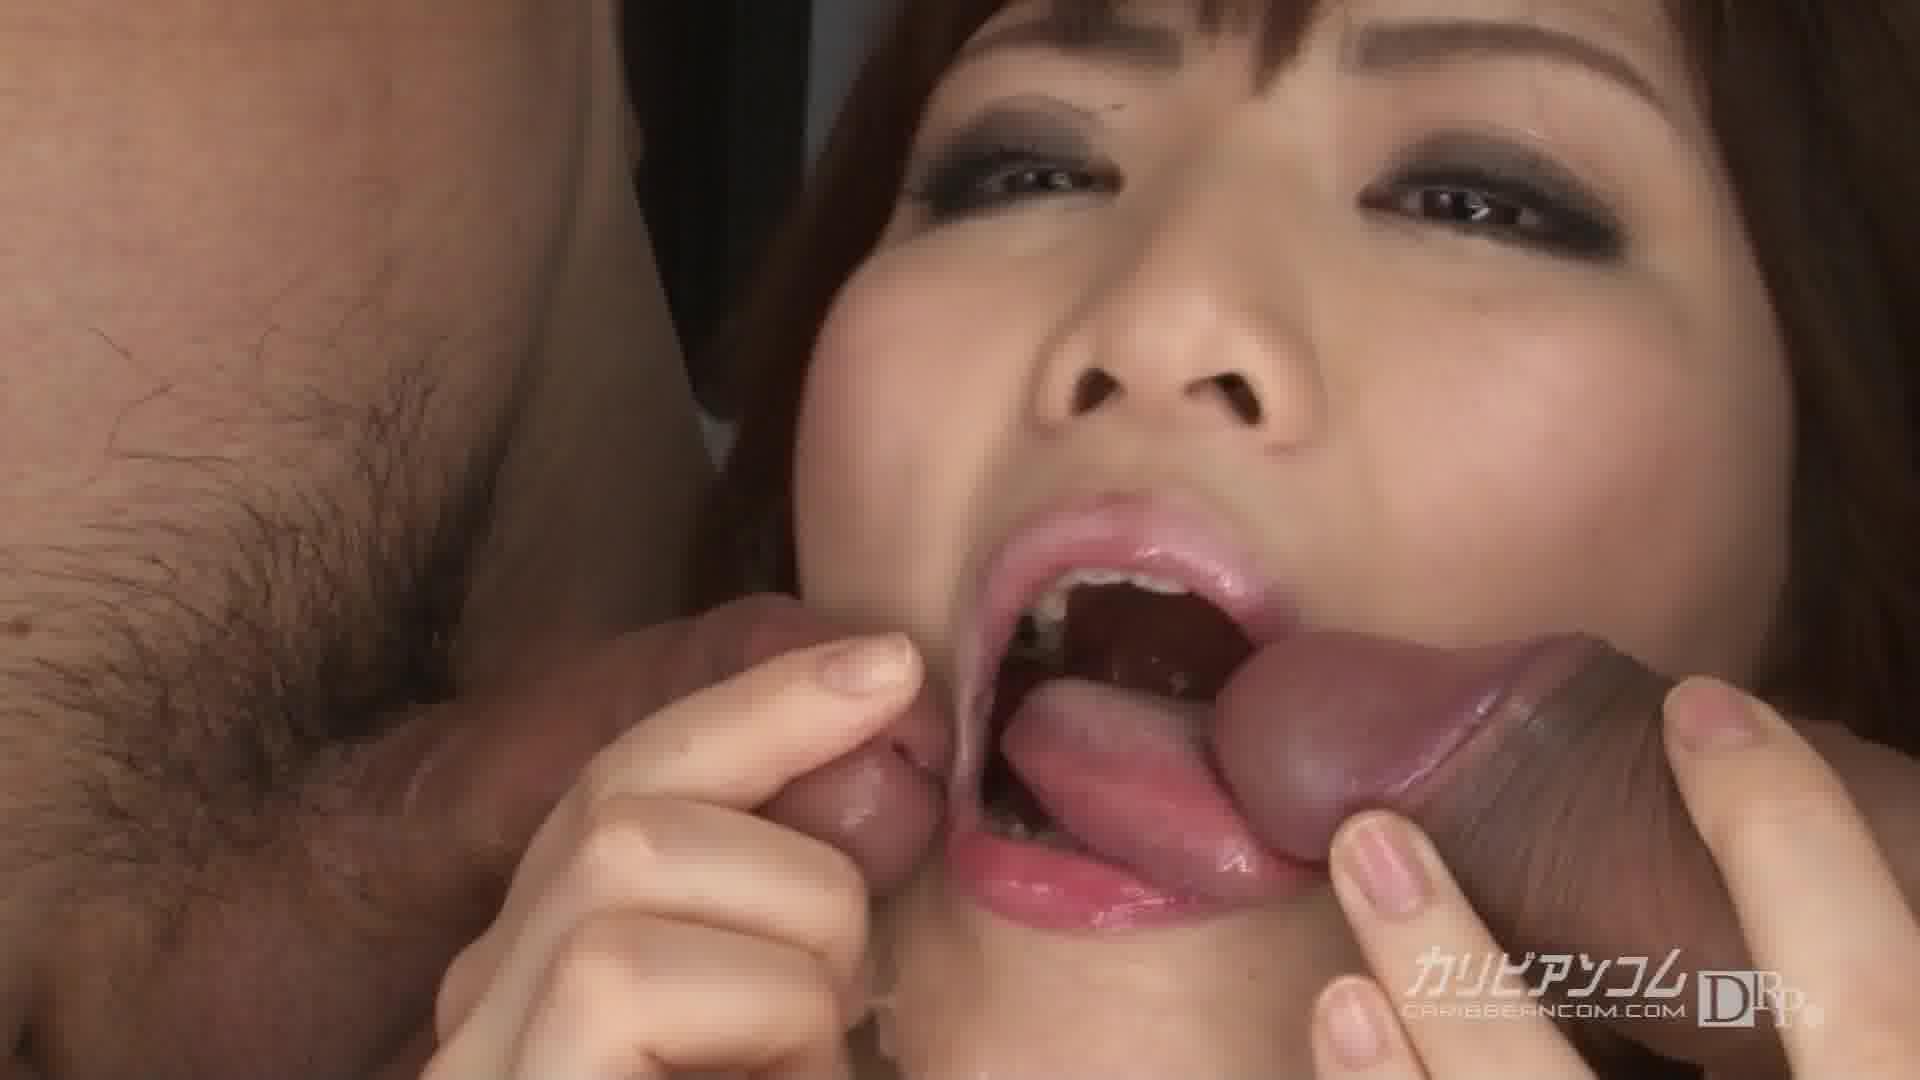 ゴールドエンジェル Vol.26 パート2 - 櫻井ともか【オナニー・バイブ・潮吹き】